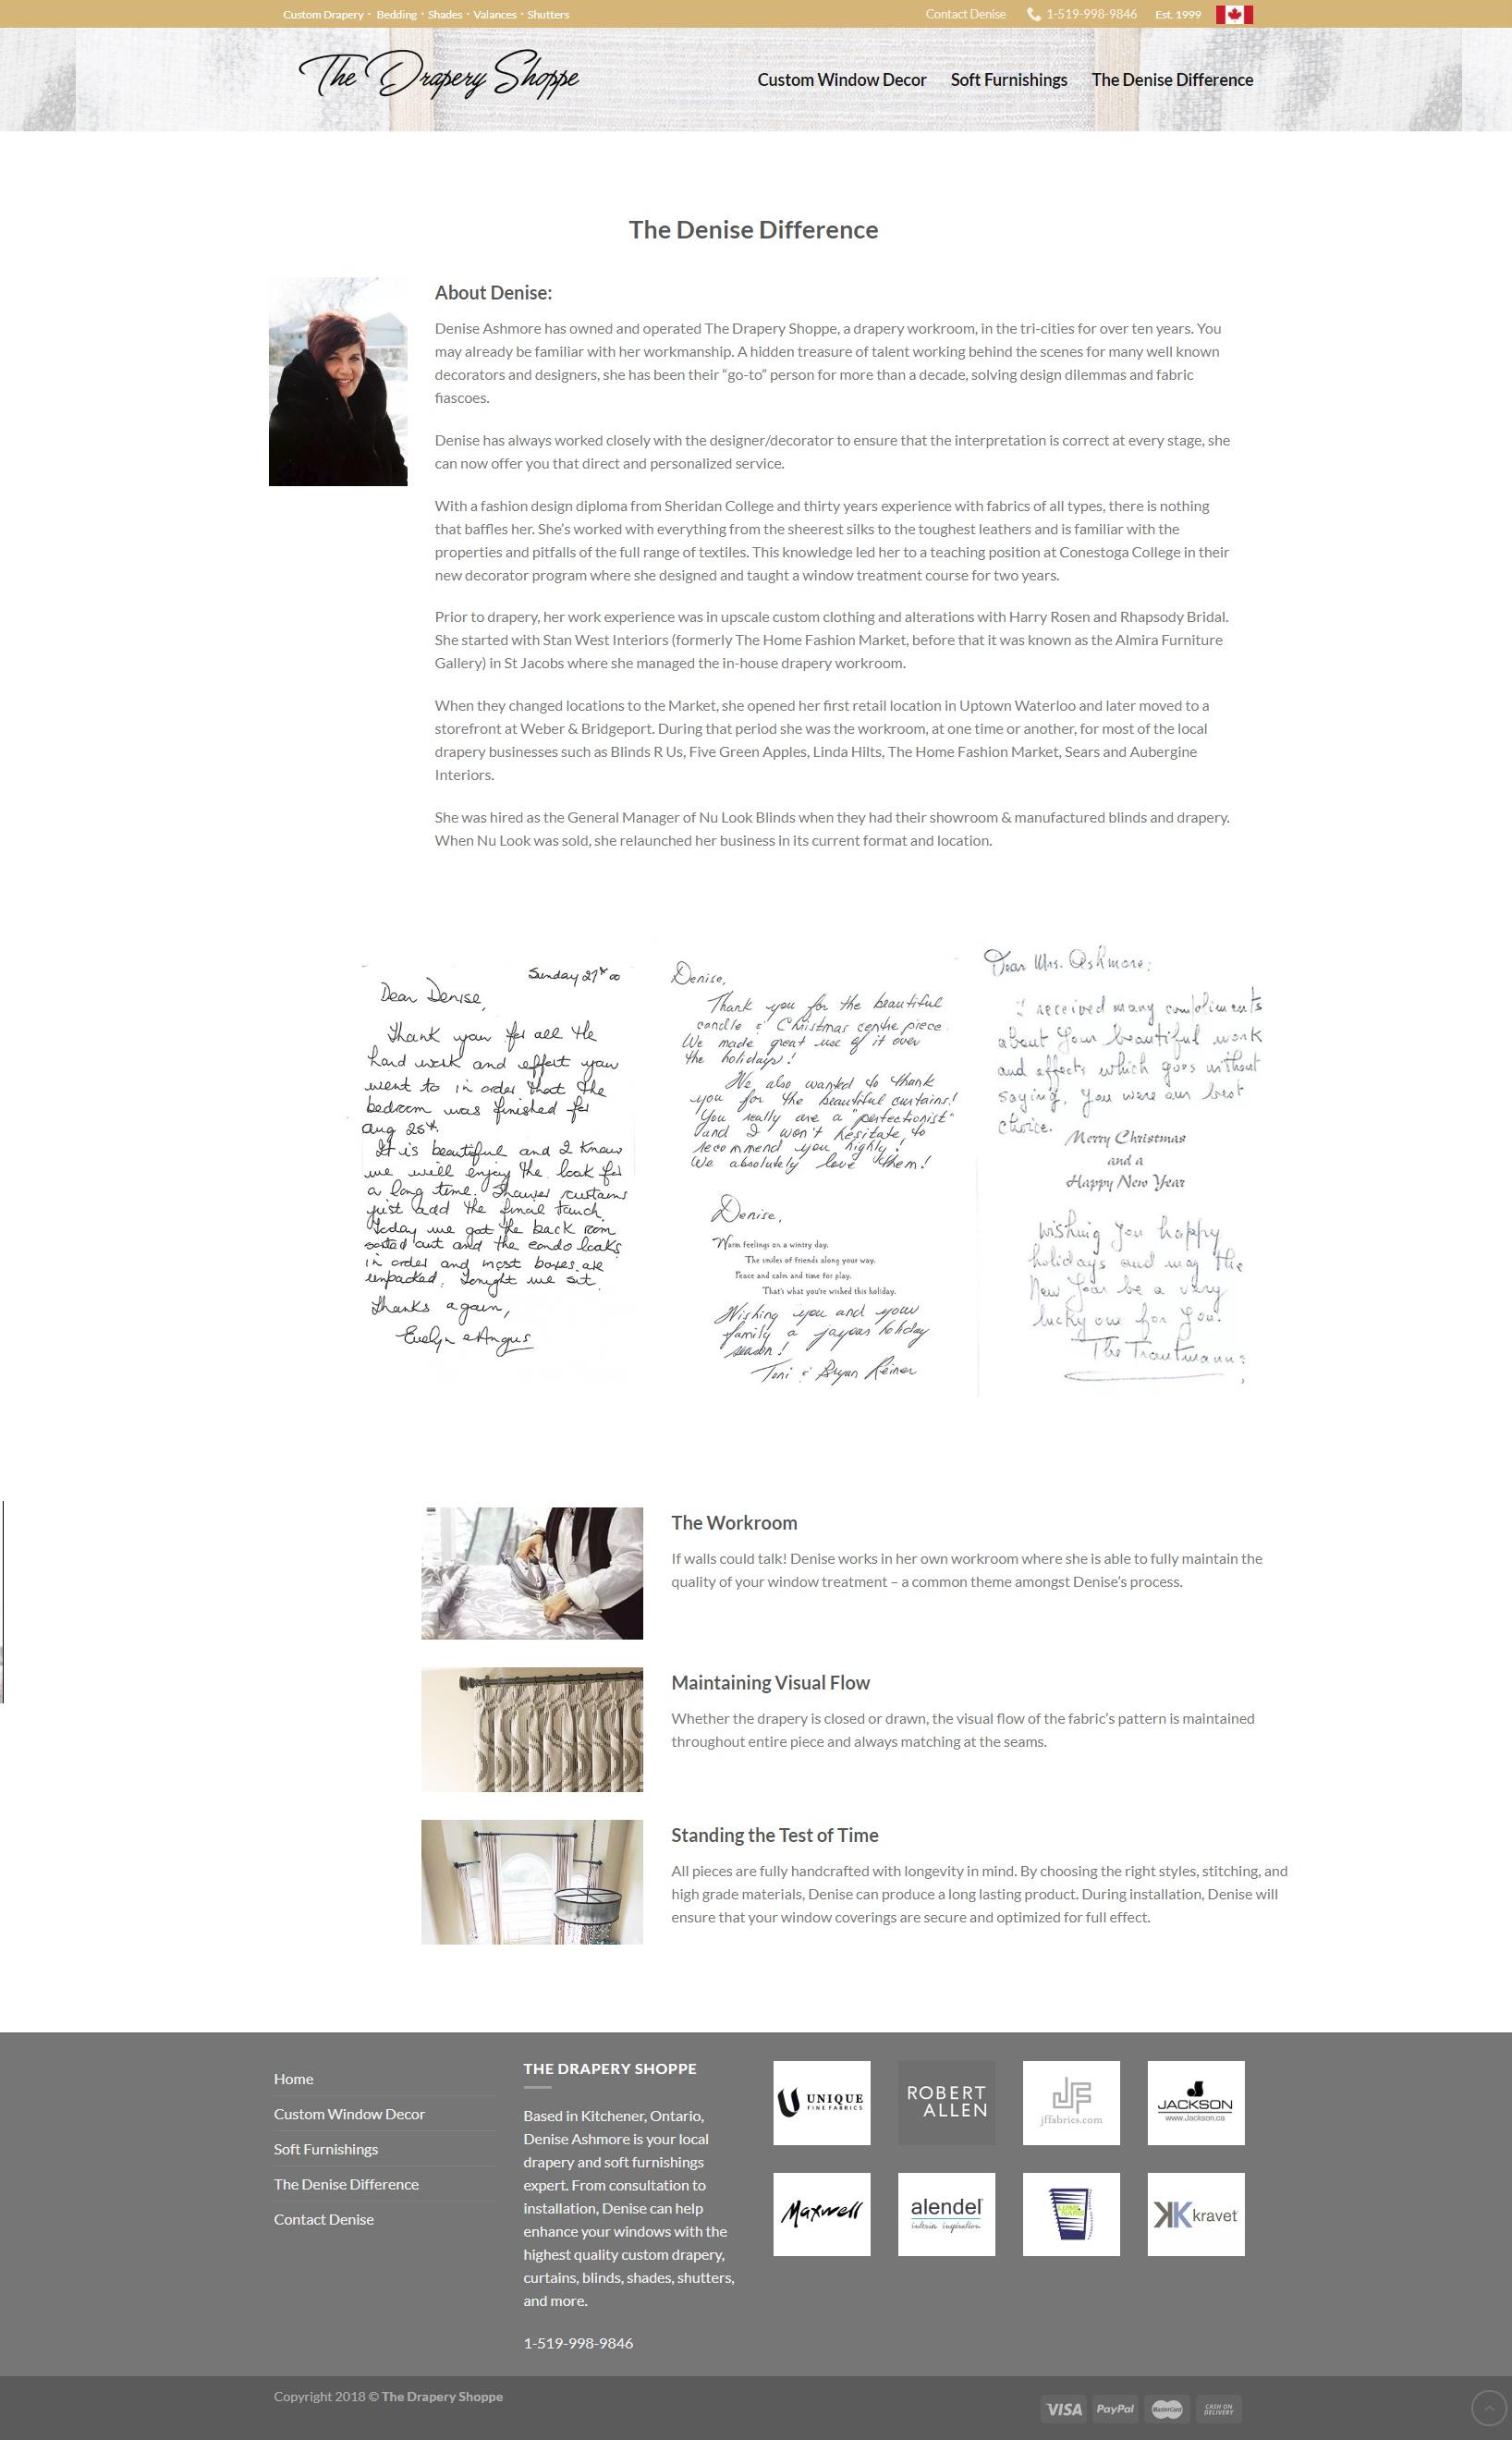 drapery-shoppe-website-aboutdenise.jpg